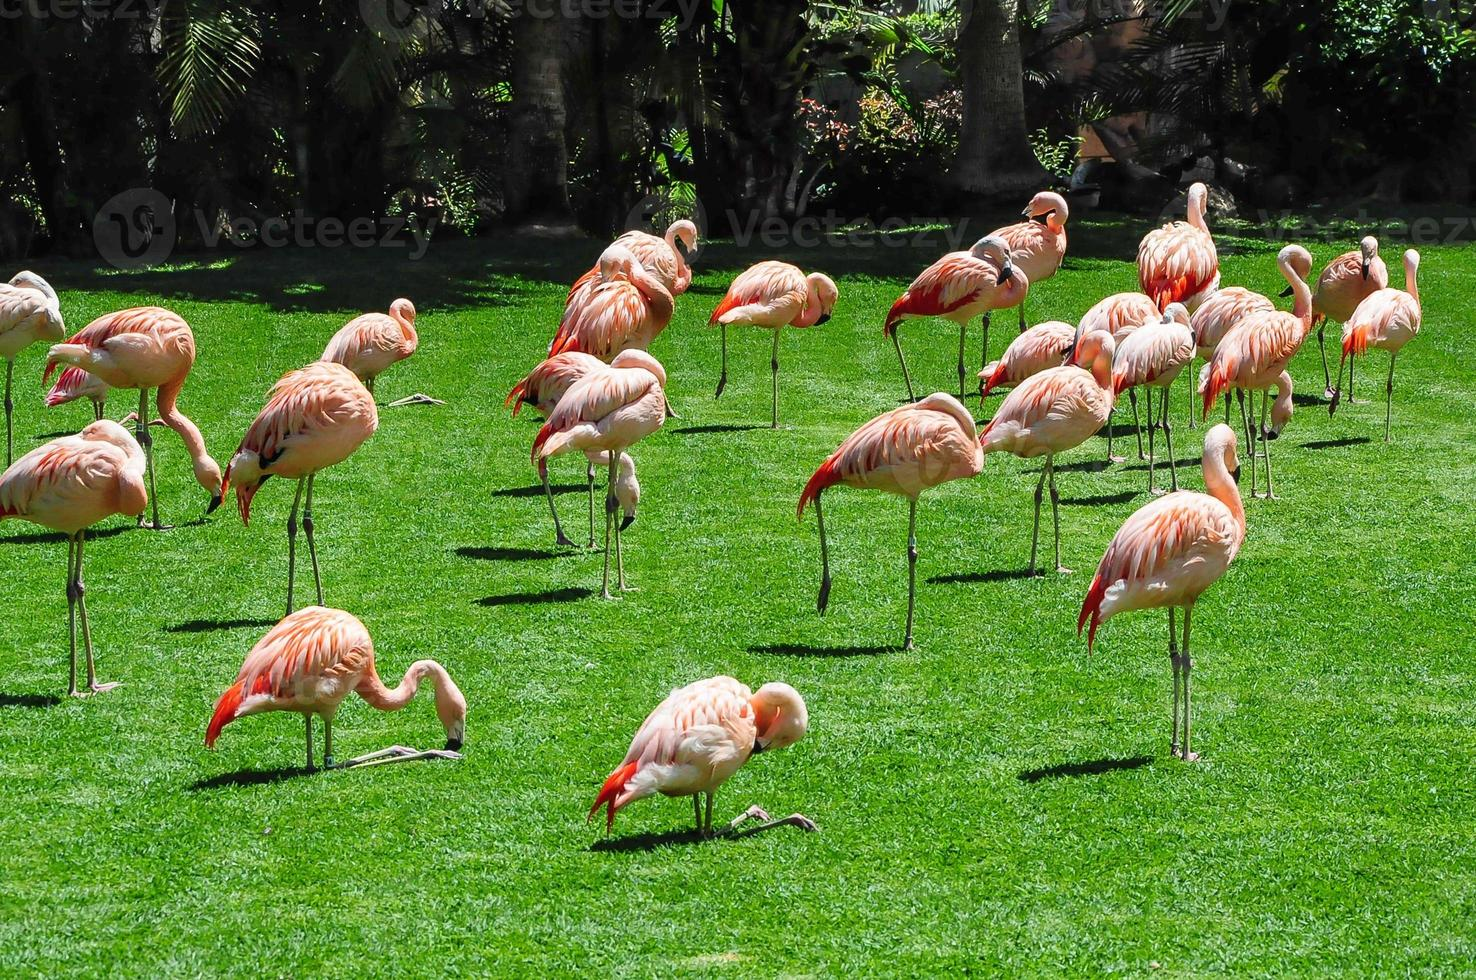 Gruppe von Flamingos auf grünem Gras foto